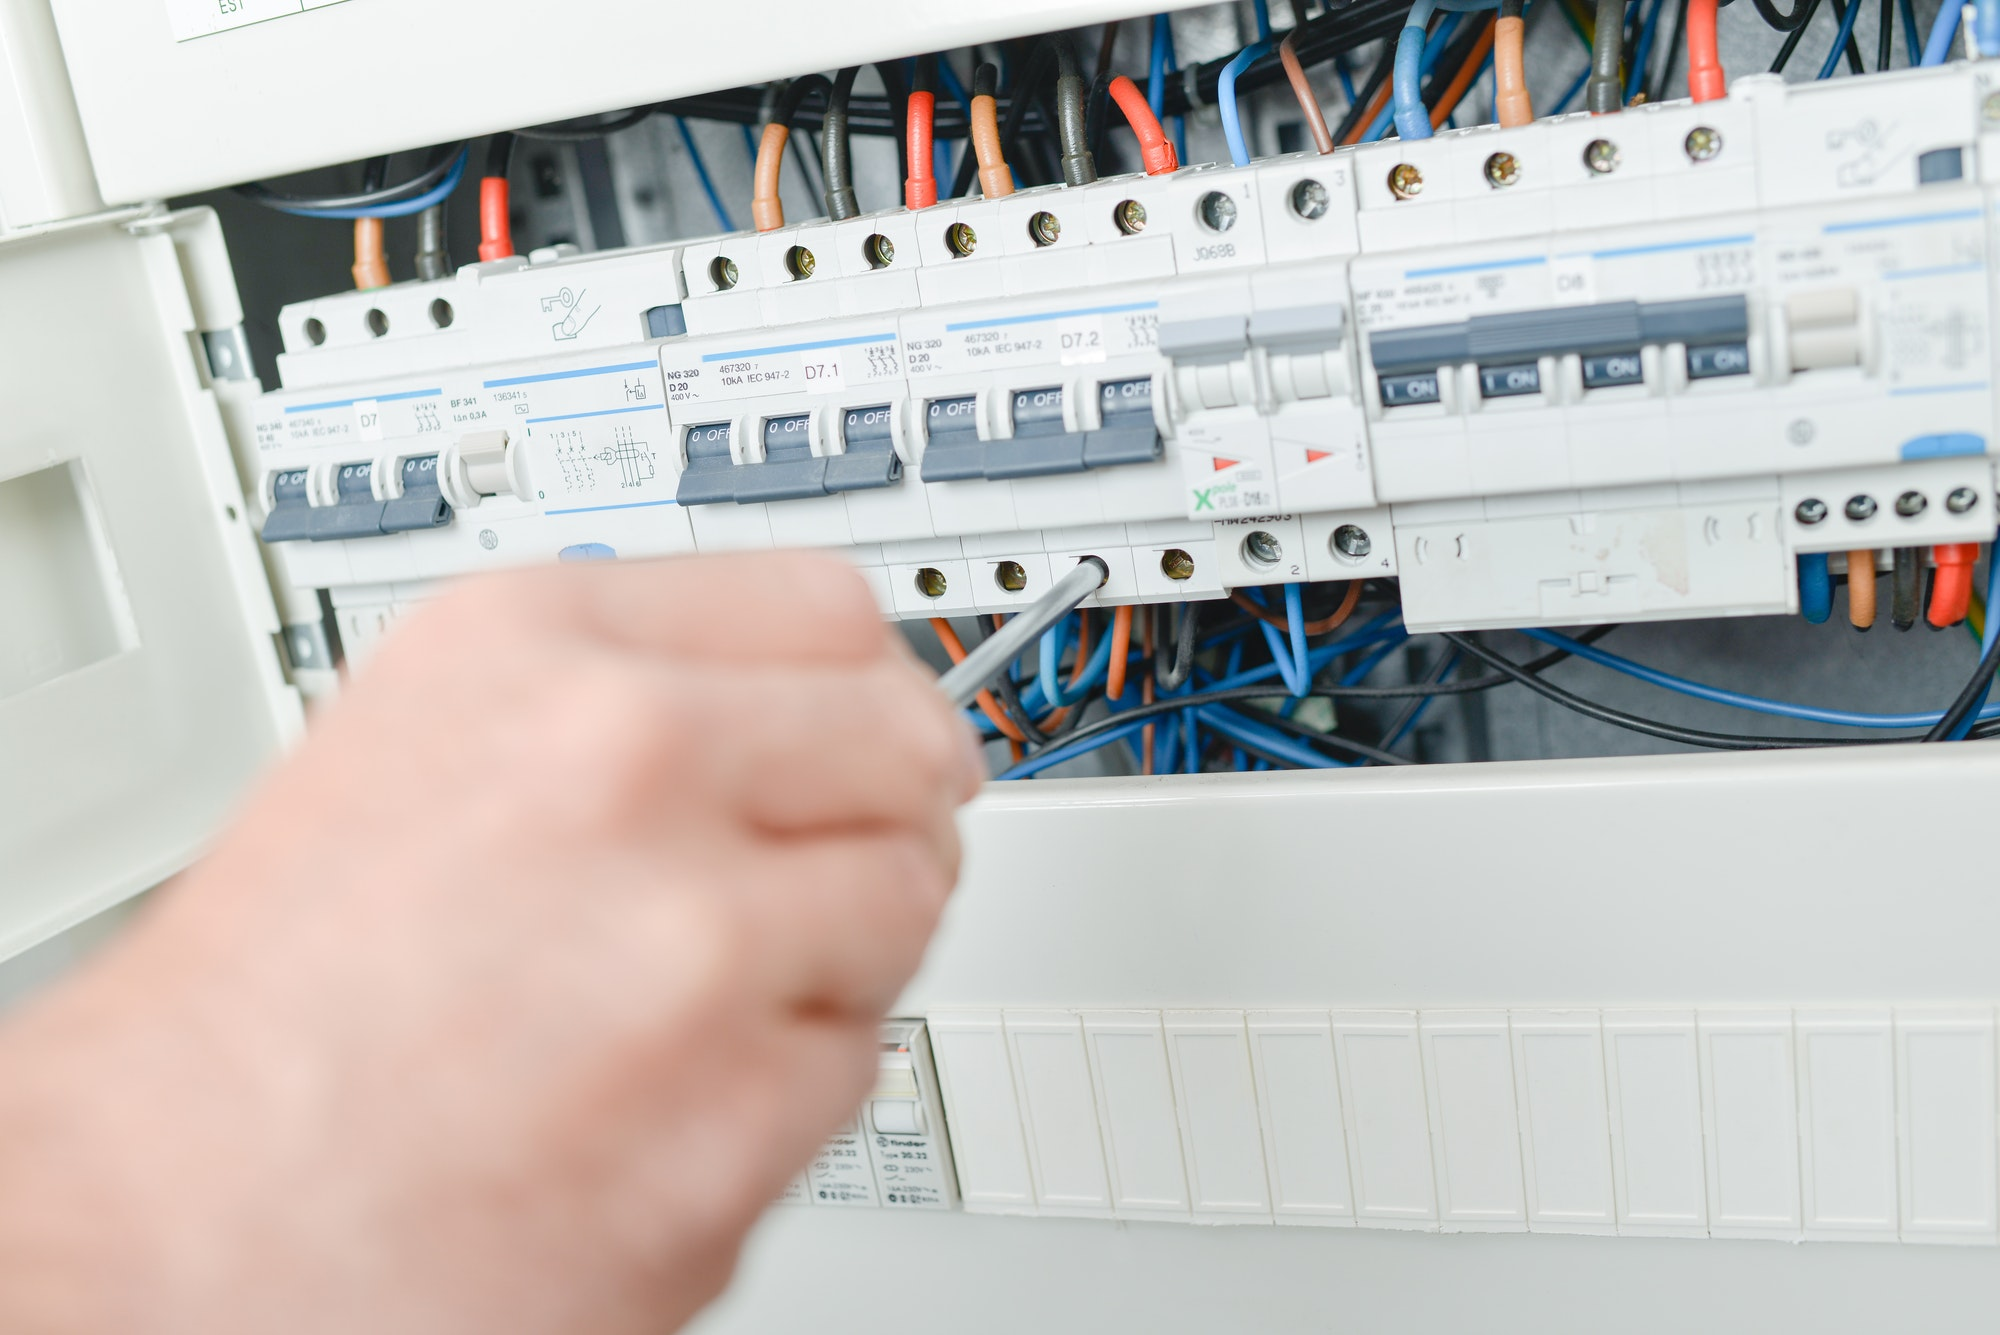 Hvad koster en ny el-tavle? flytning af eltavle?